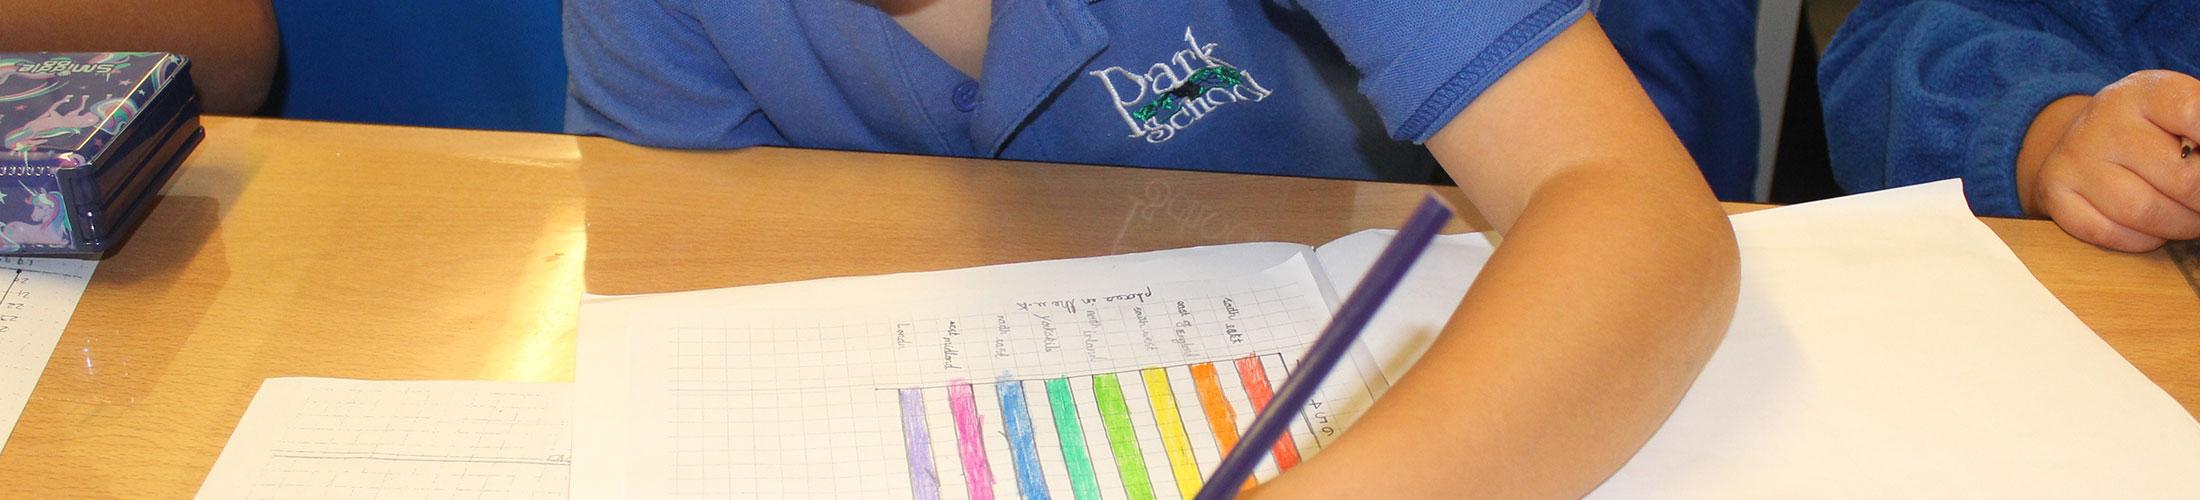 drawing-graph-21